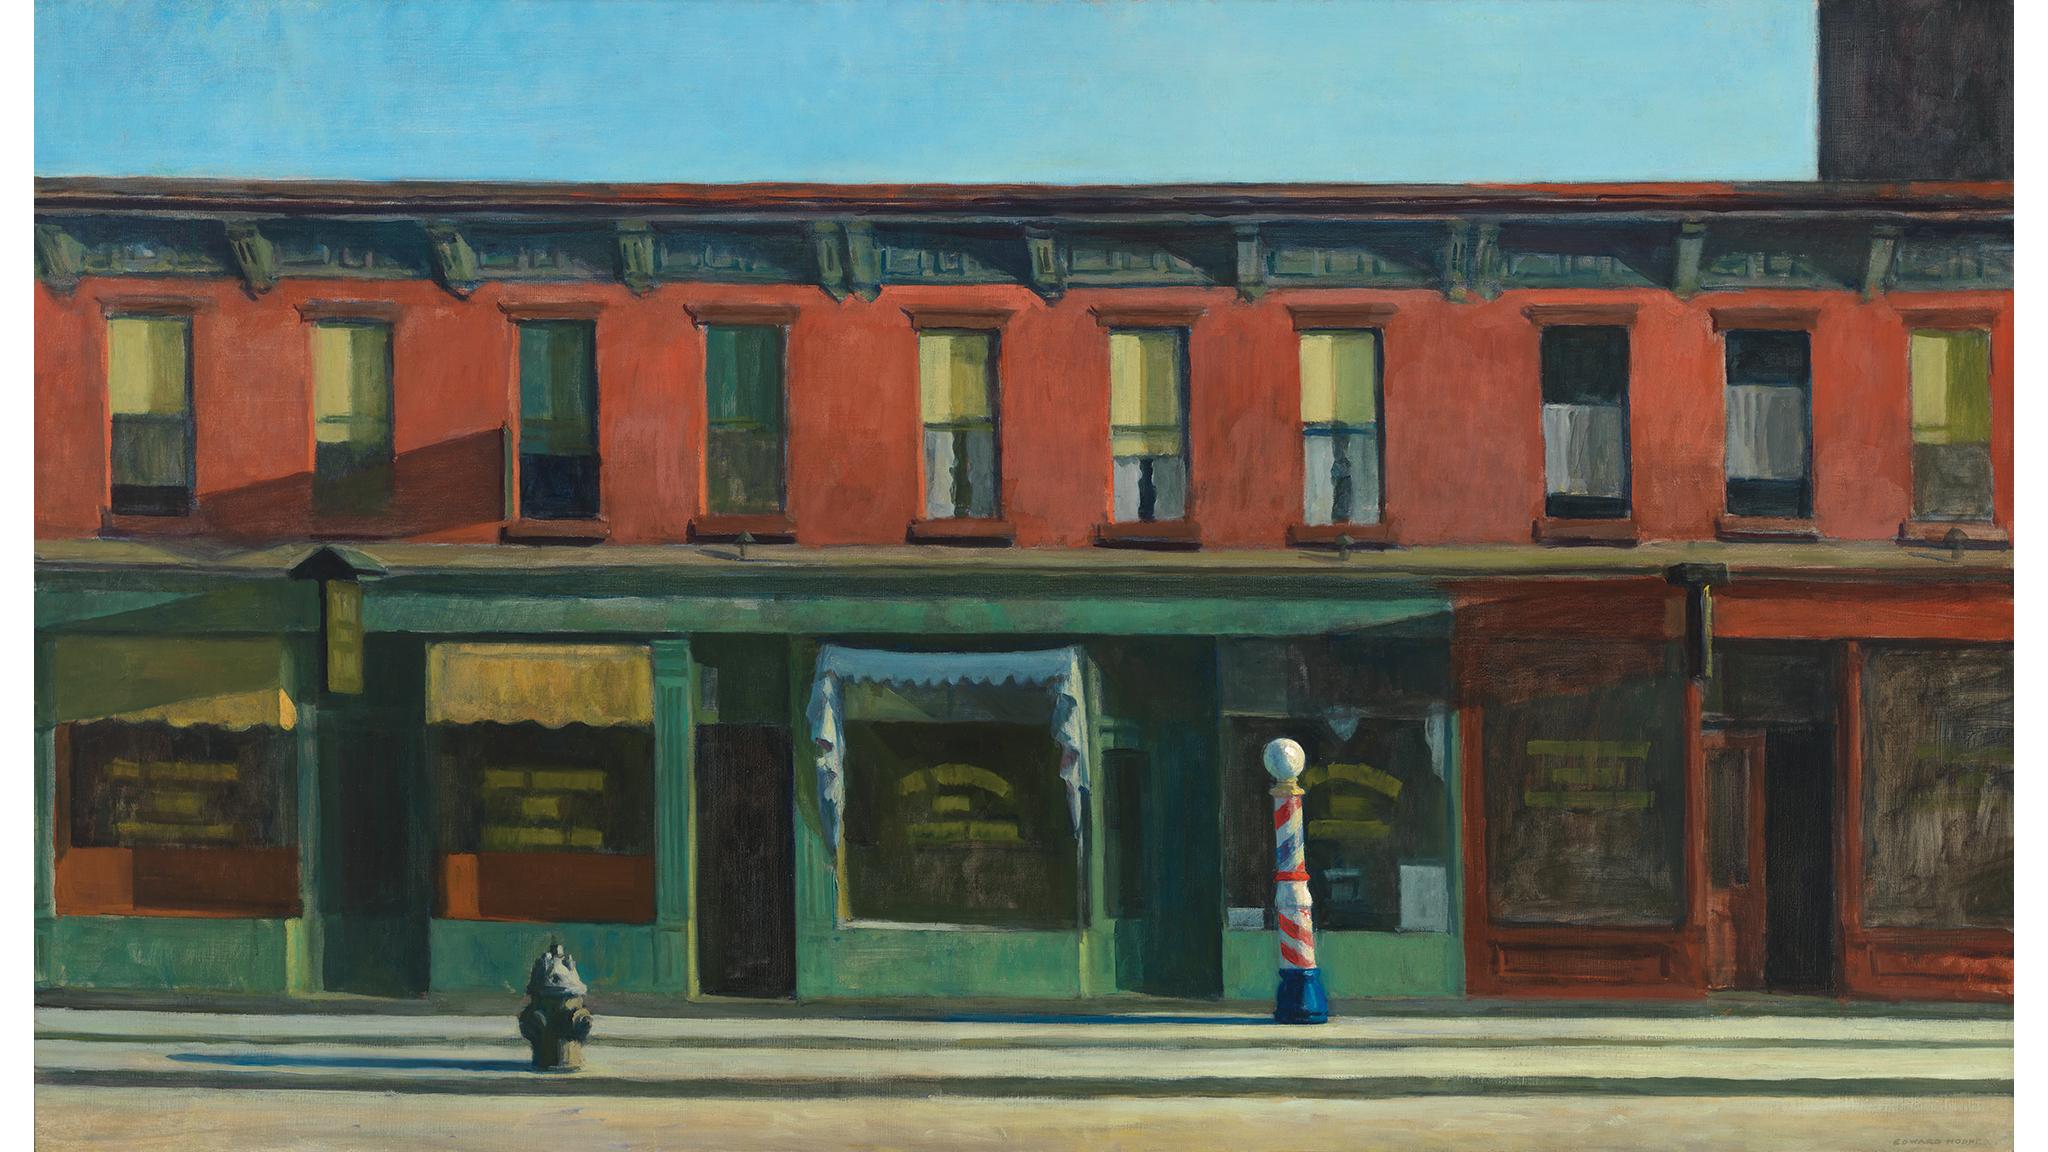 Edward Hopper, Early Sunday Morning, 1930